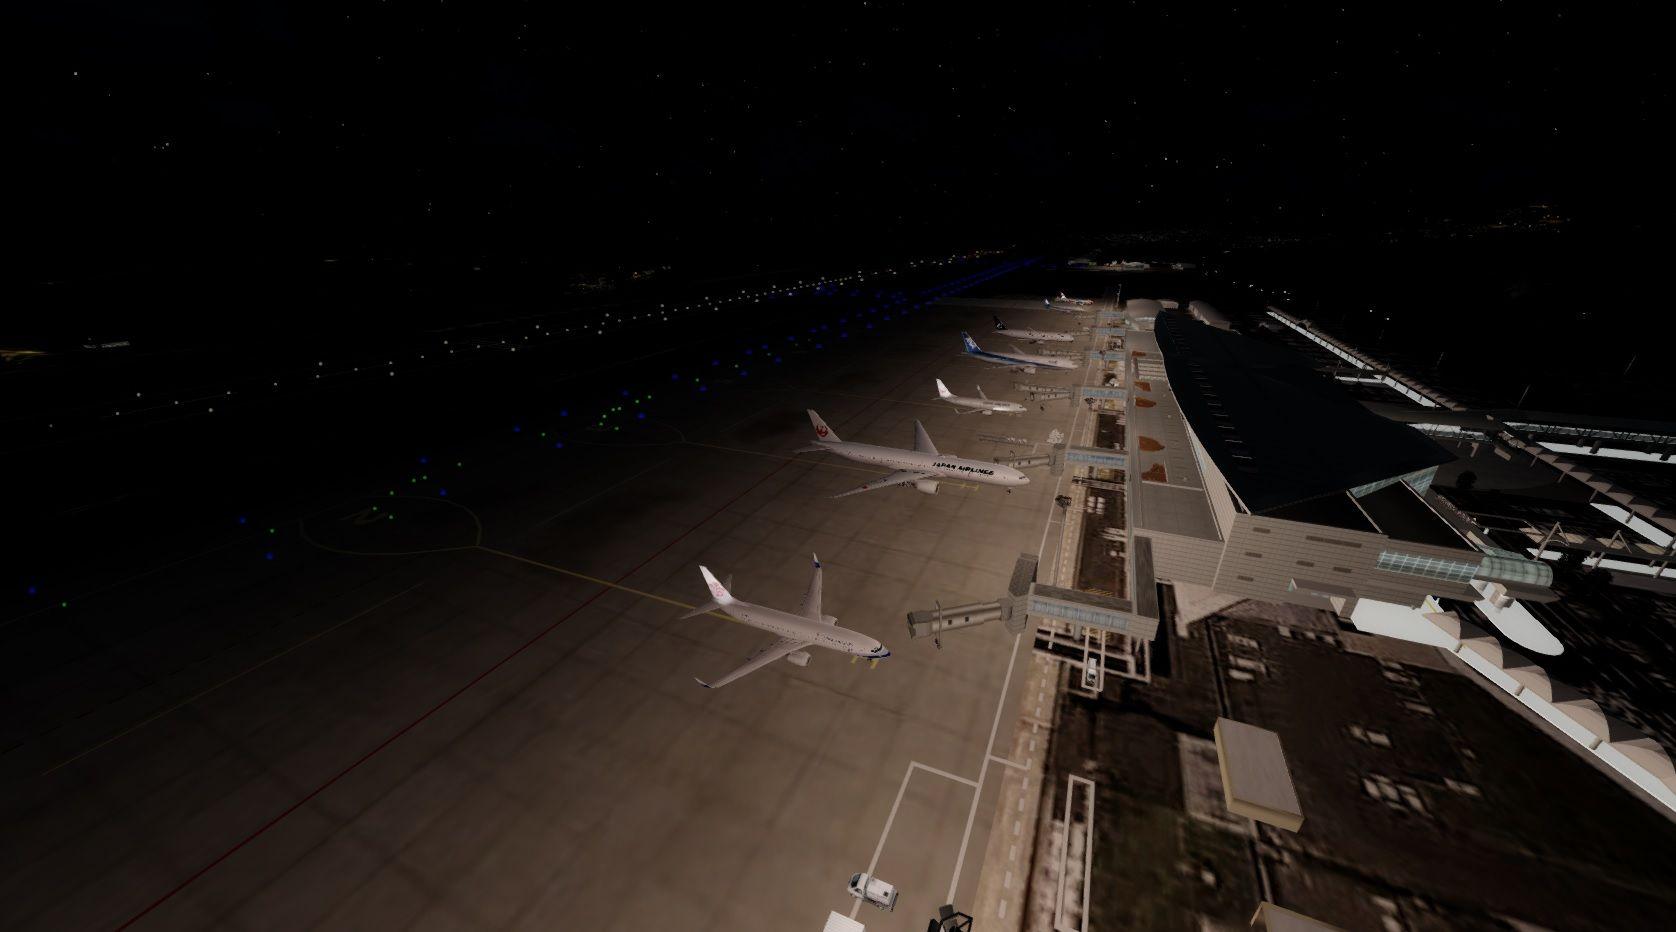 FLYER : Flyer Scenery Update P3D V4版